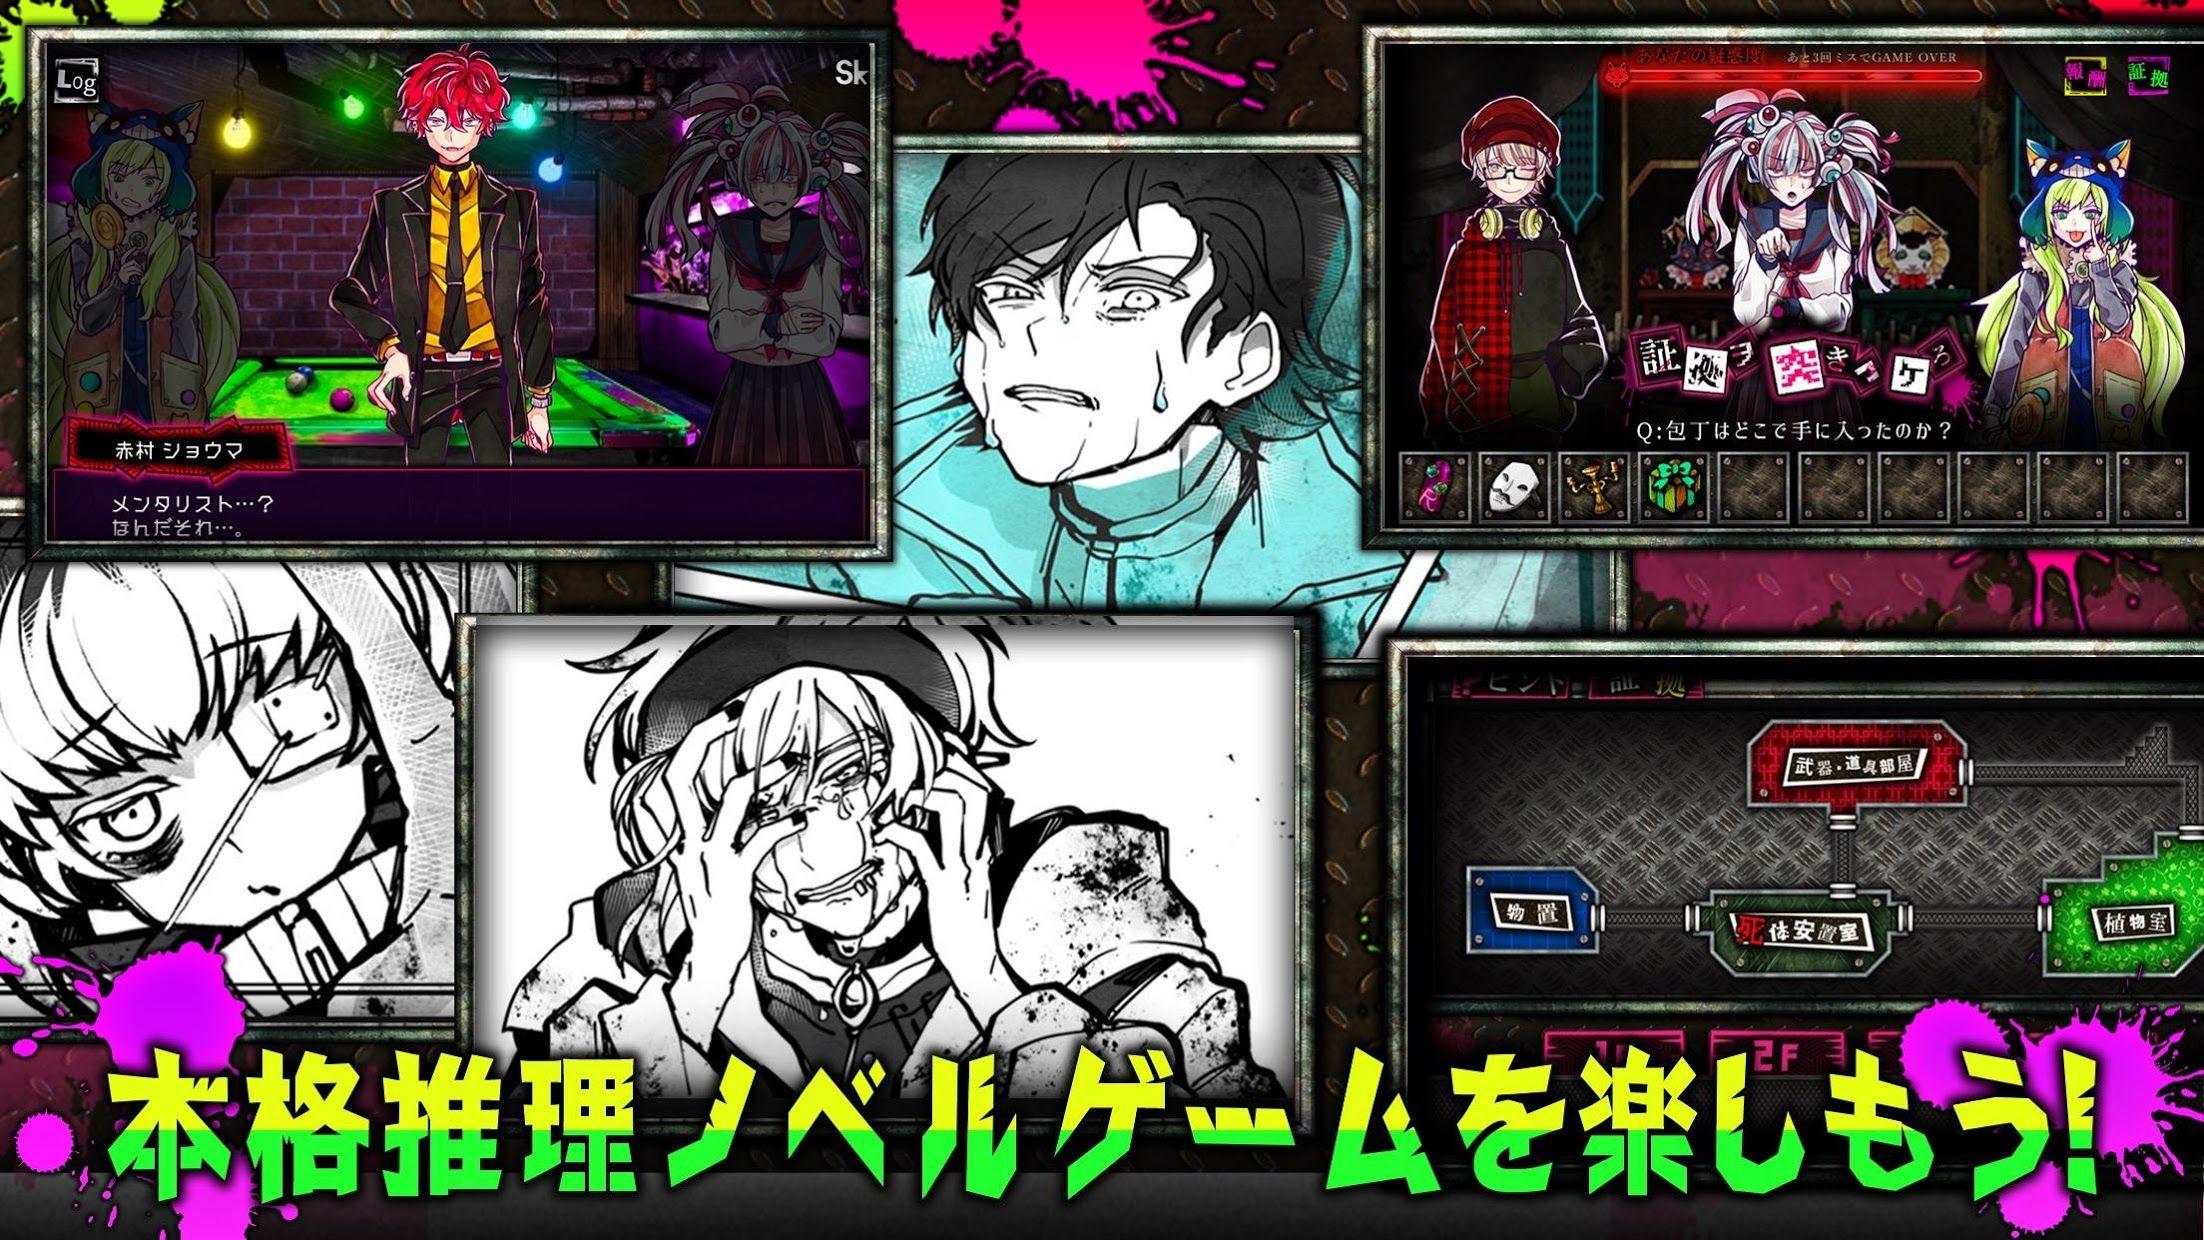 恶狼游戏 〜Another〜(日服) 游戏截图1